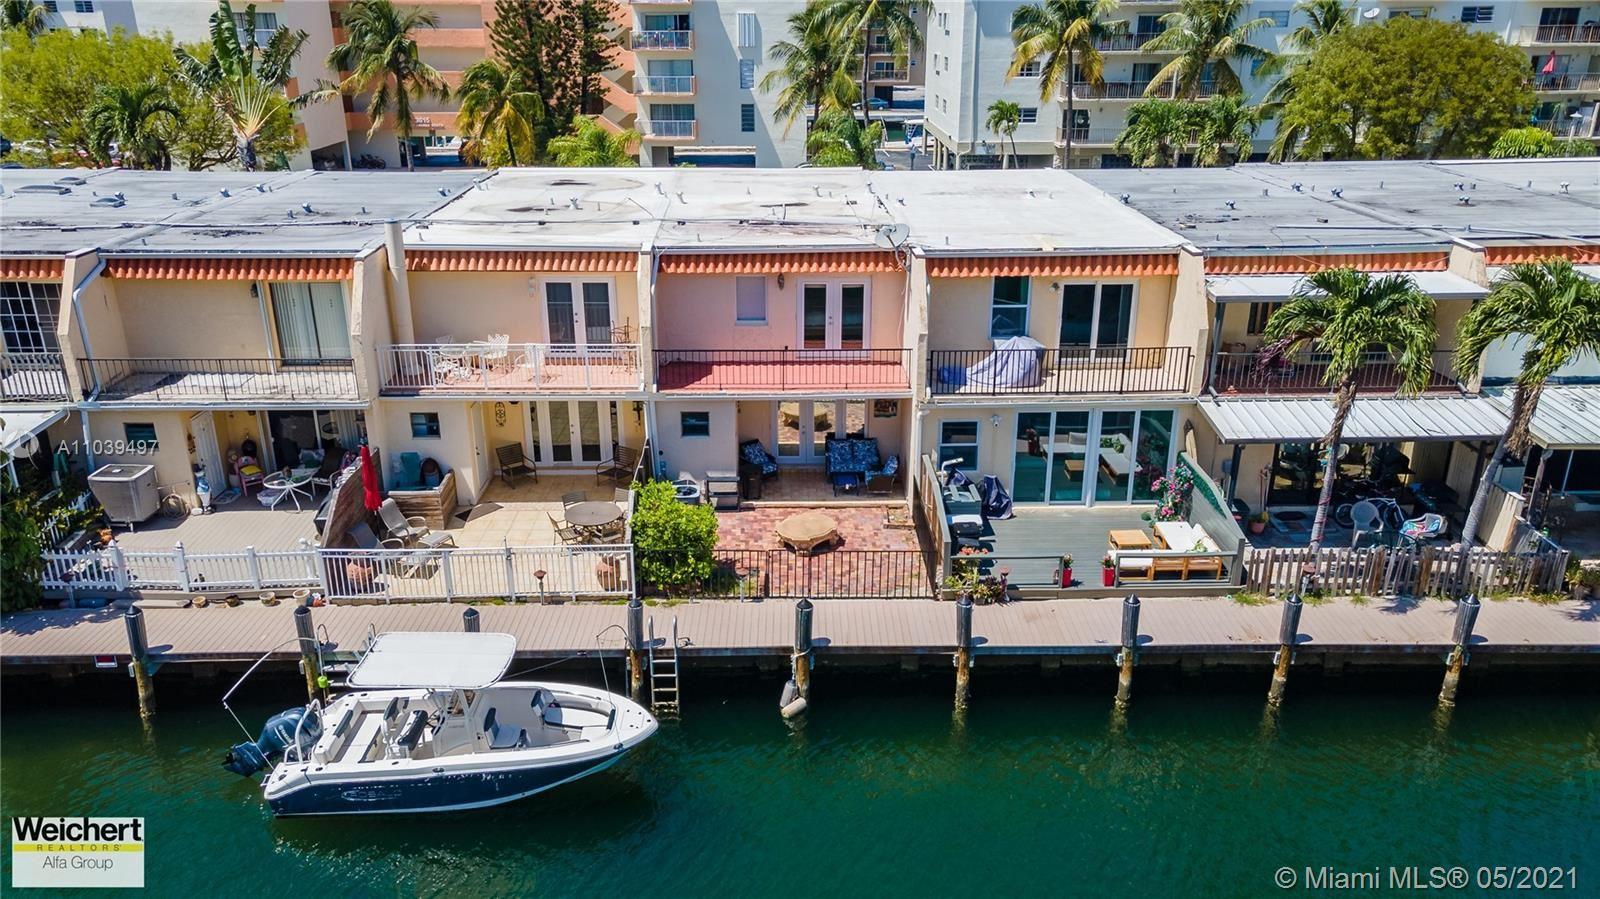 Photo of 3624 NE 167th St #23, North Miami Beach, FL 33160 (MLS # A11039497)